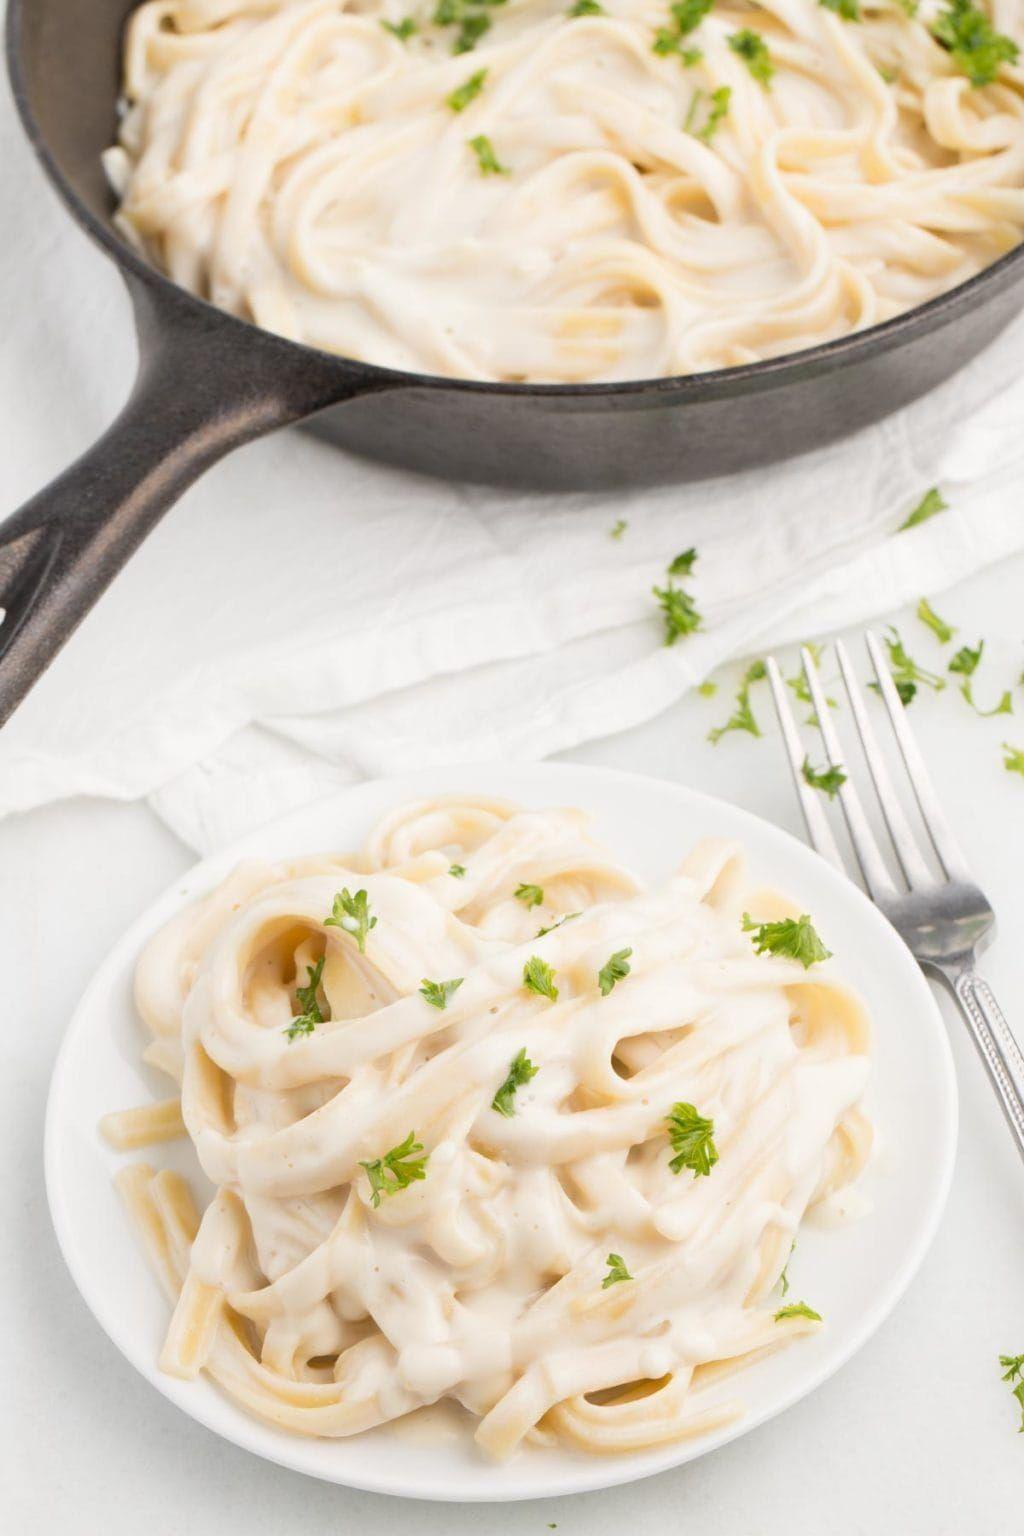 Perfect Vegan Alfredo Sauce Recipe In 2020 Vegan Alfredo Alfredo Sauce Vegan Comfort Food